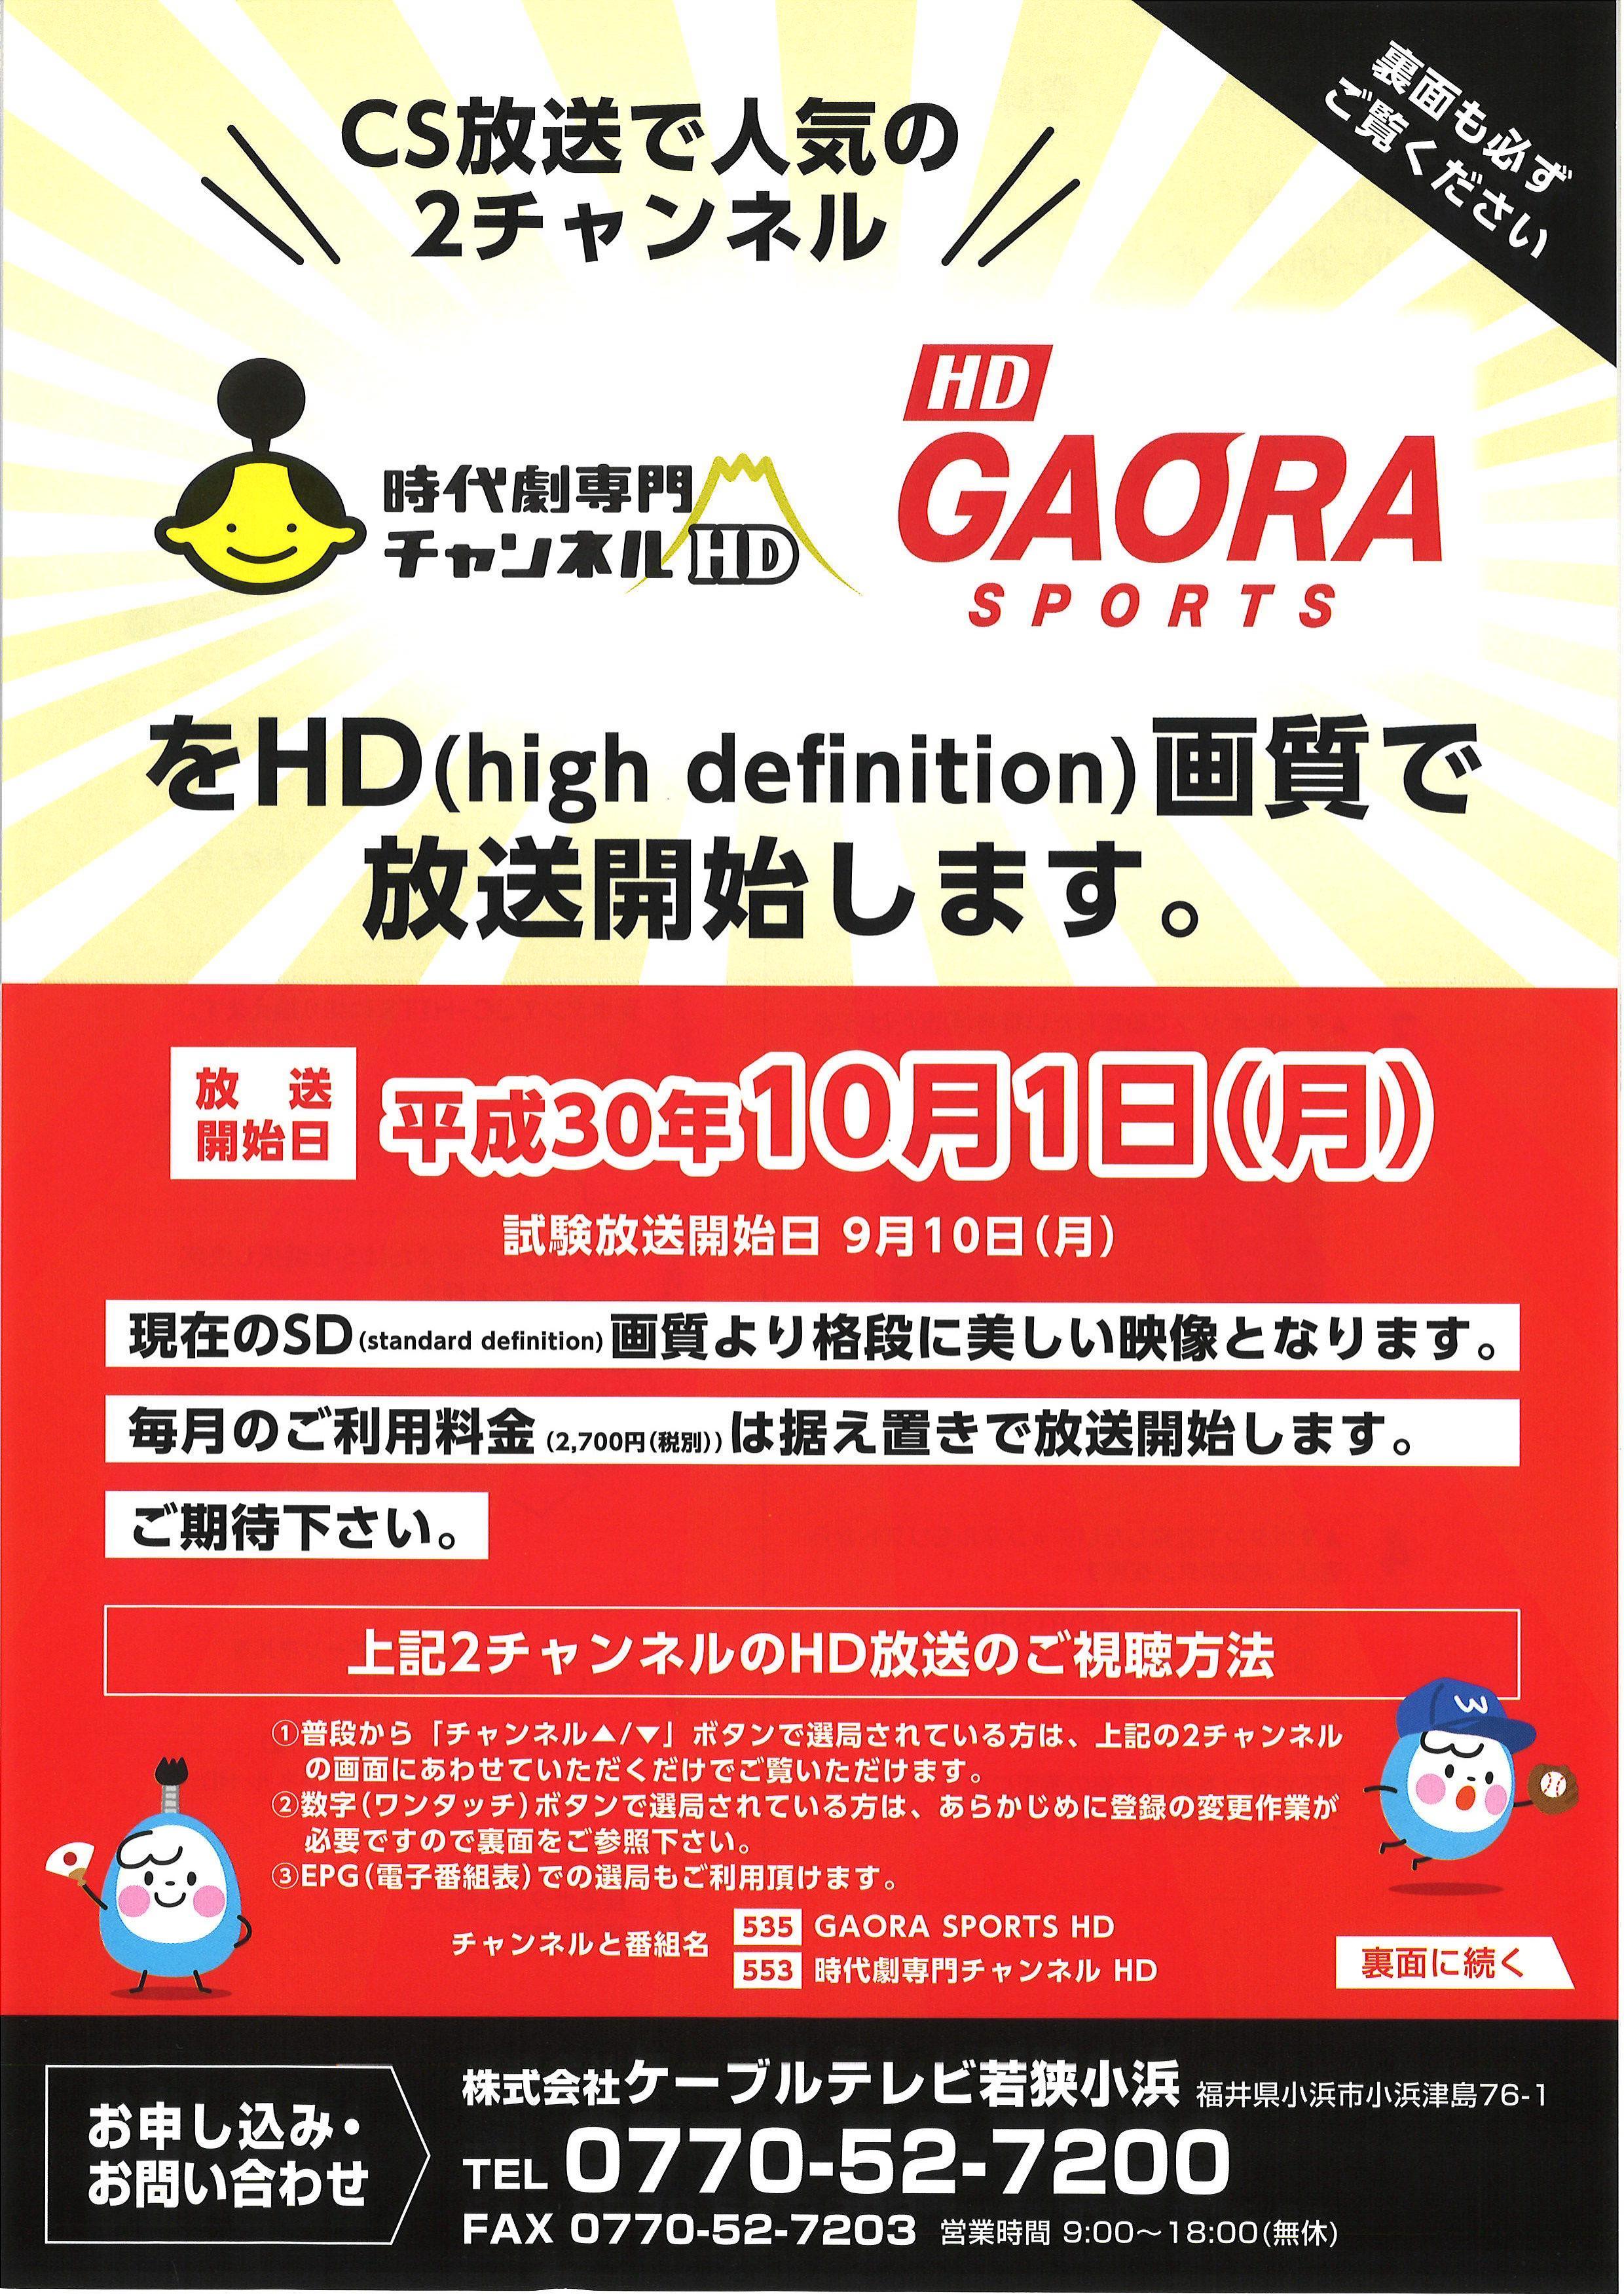 GAORA SPORTSと時代劇専門チャンネルのHD放送開始のお知らせ